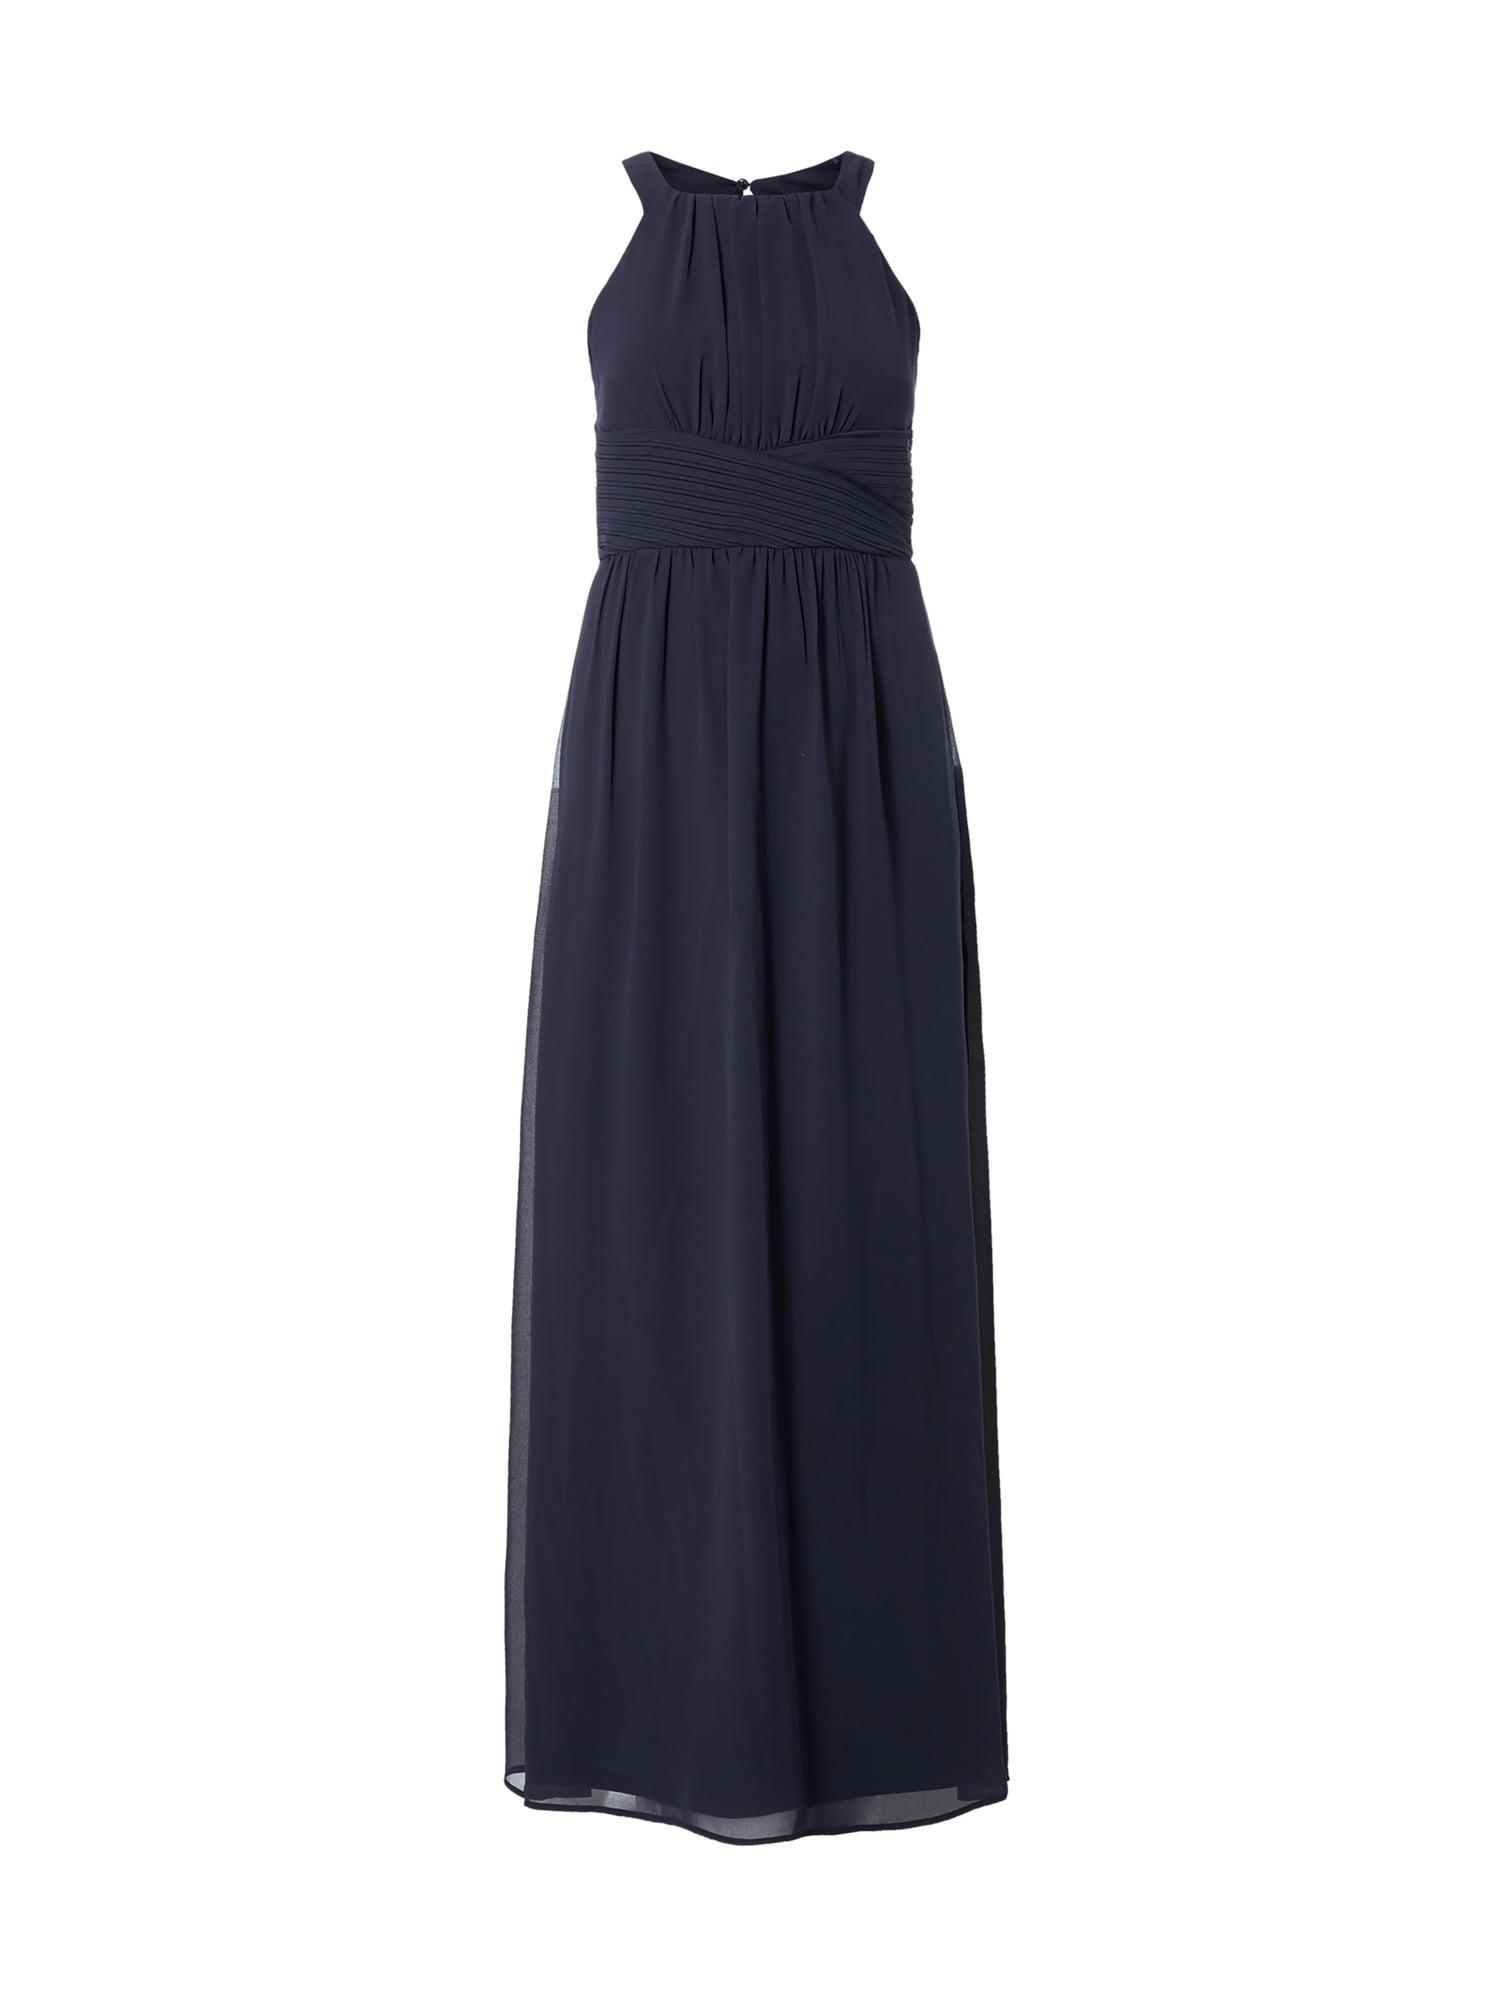 Leicht Damen Kleider Online Shop für 201920 Perfekt Damen Kleider Online Shop Design